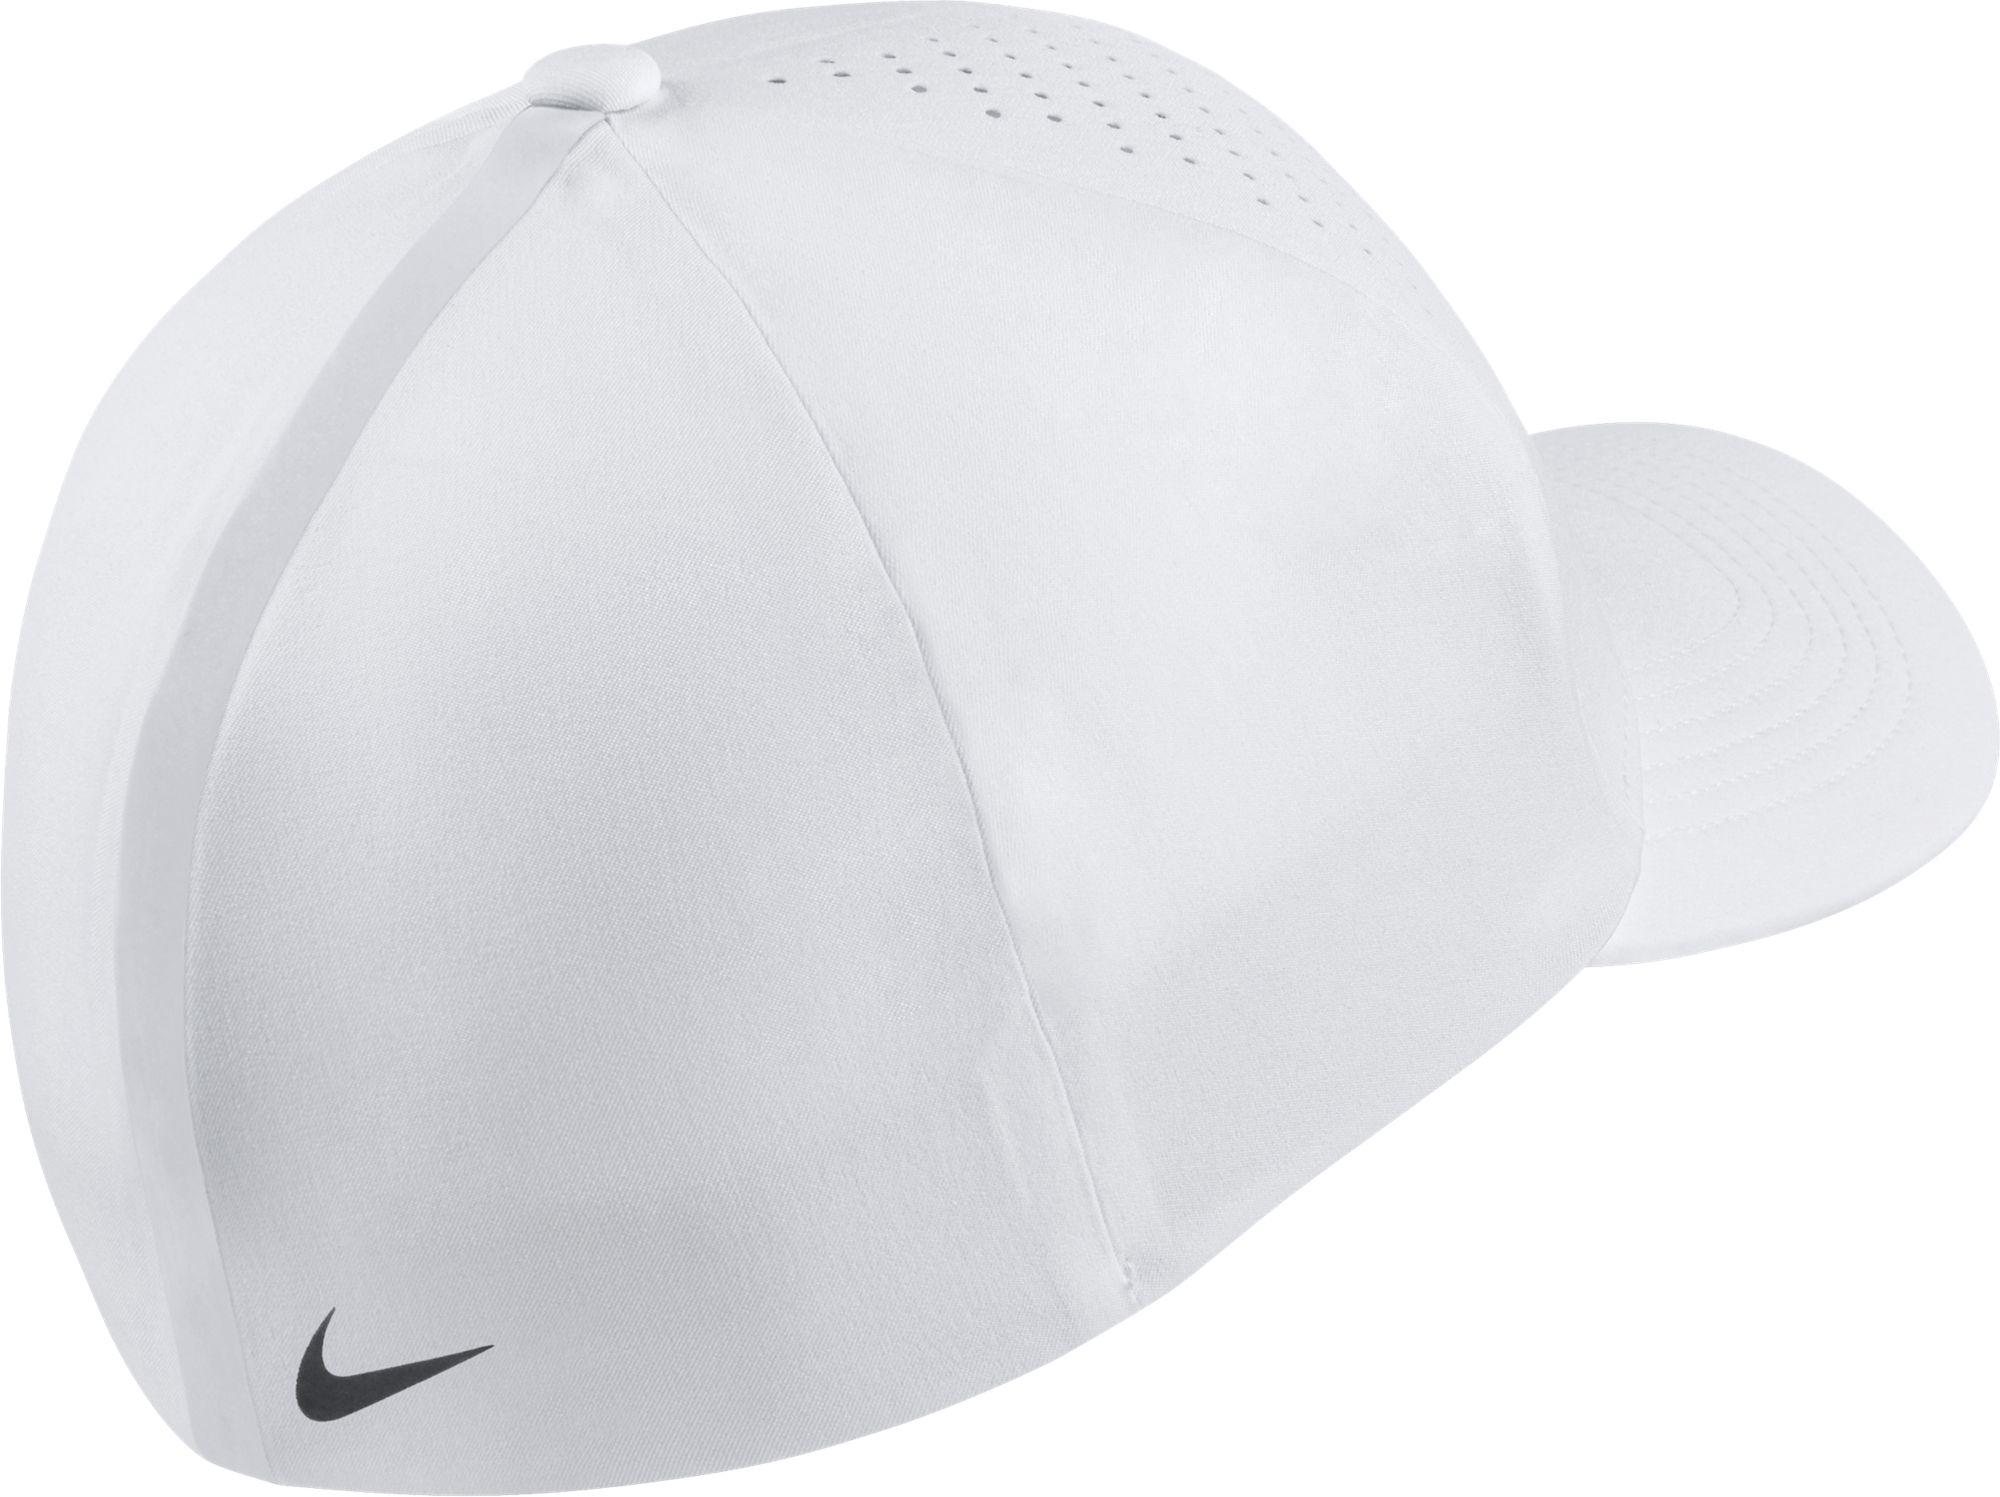 Nike-Golf-2017-TW-Classic-99-Statement-Cap-